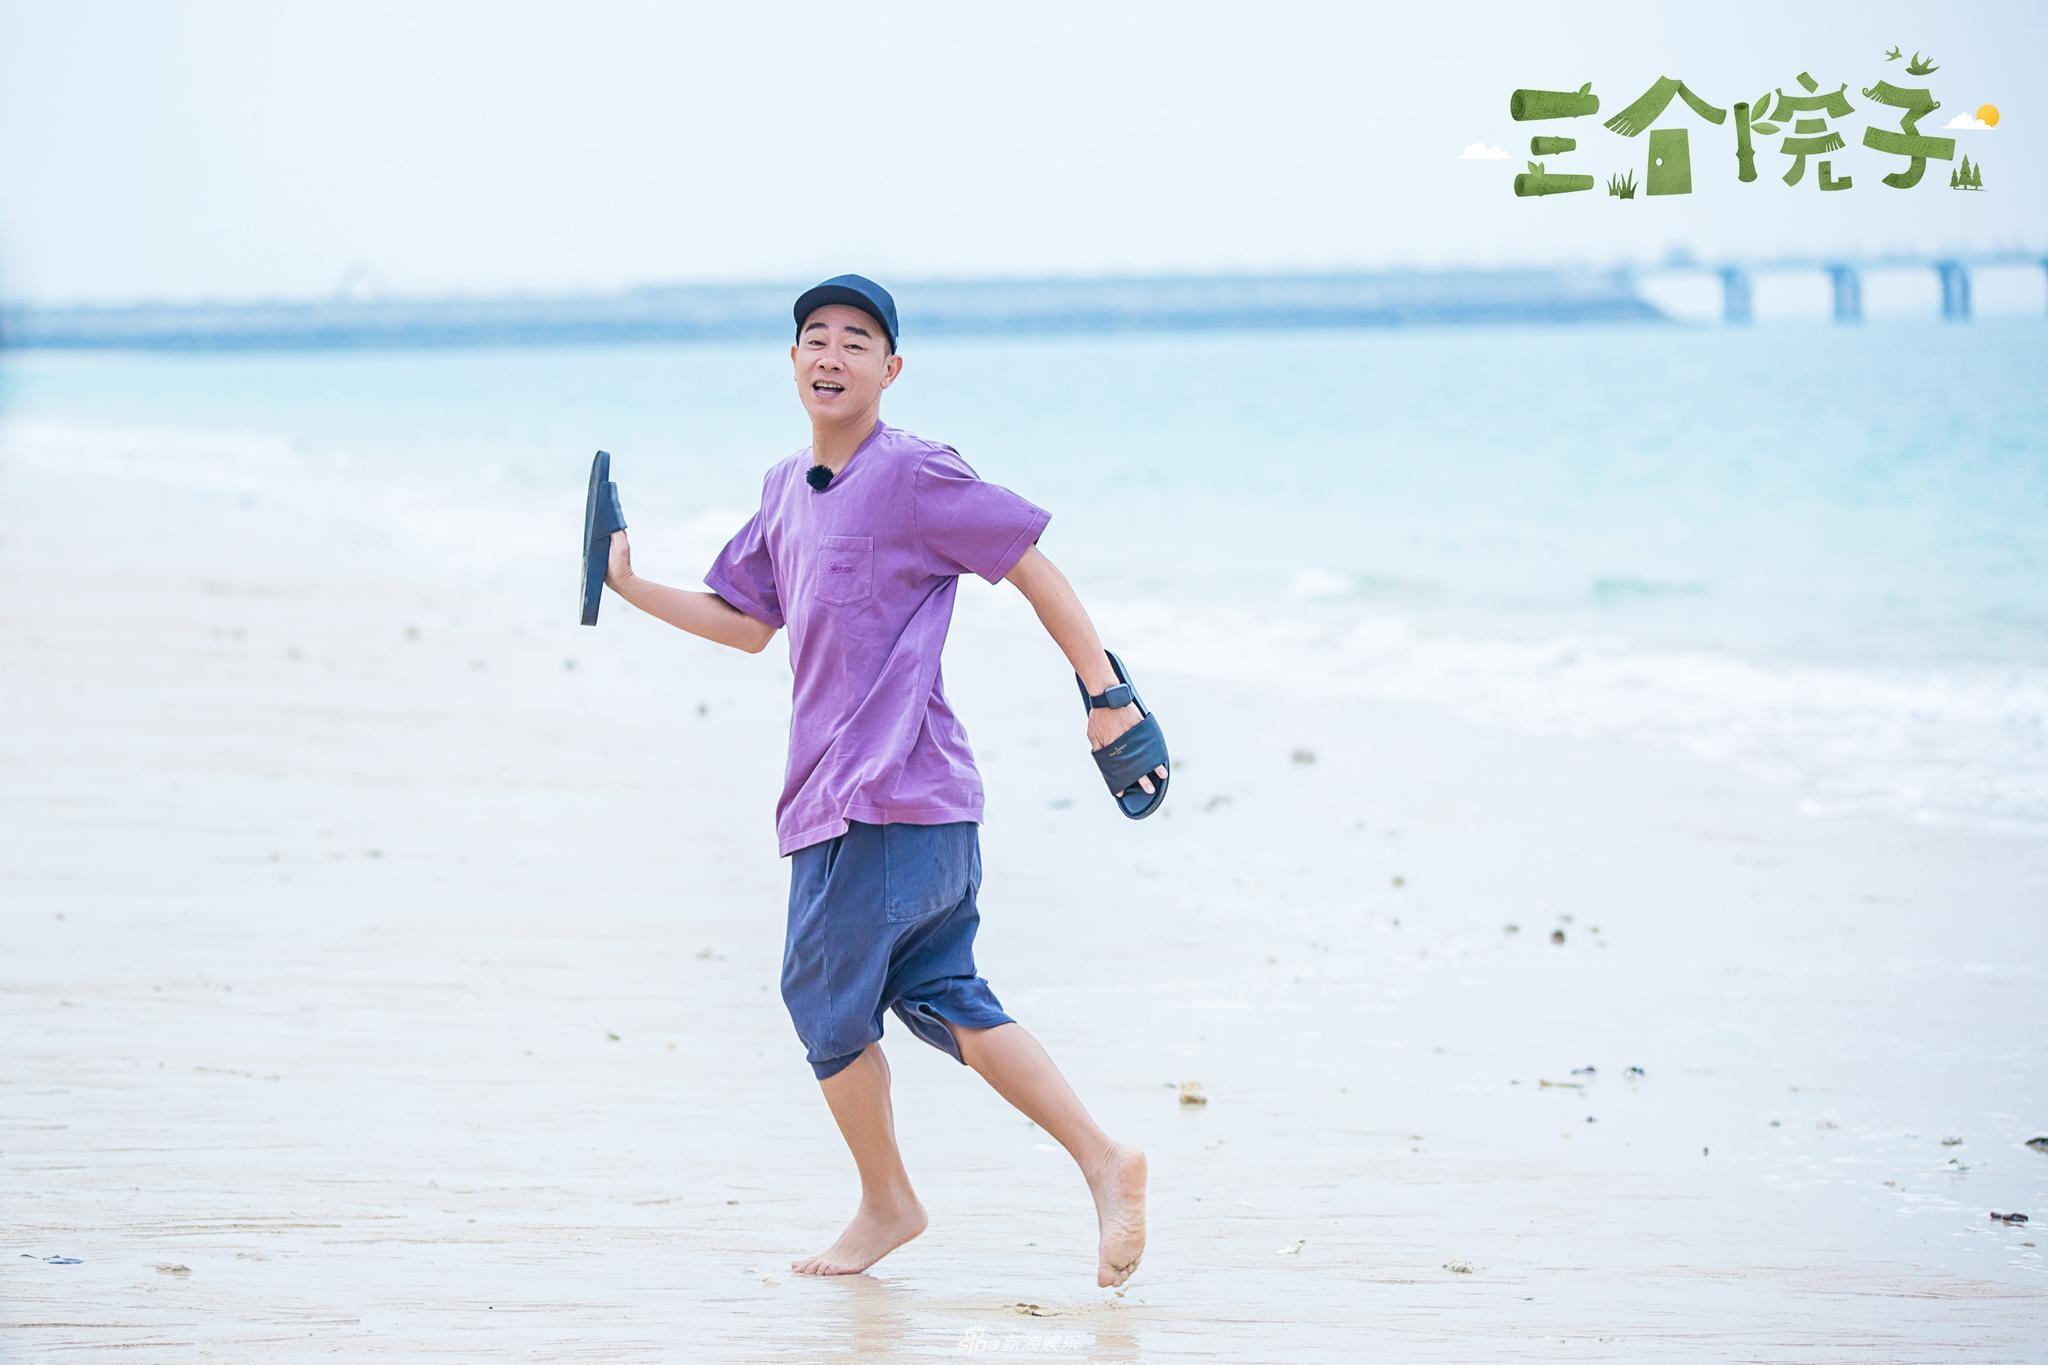 组图 陈小春和应采儿海滩约会高兴的飞起 两人甜蜜互动似小情侣